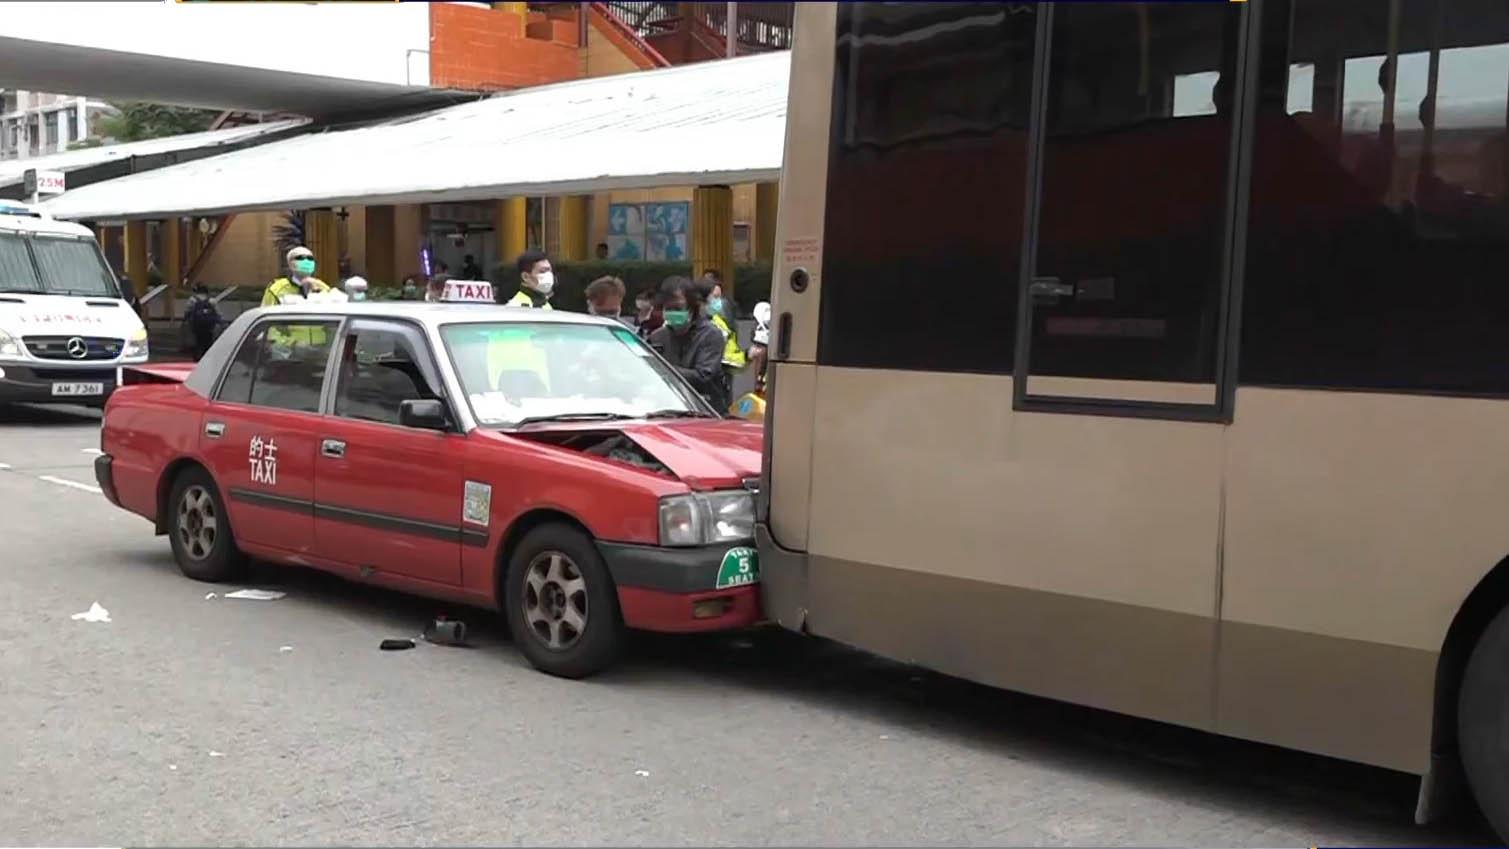 黃大仙交通意外 的士司機送院後不治